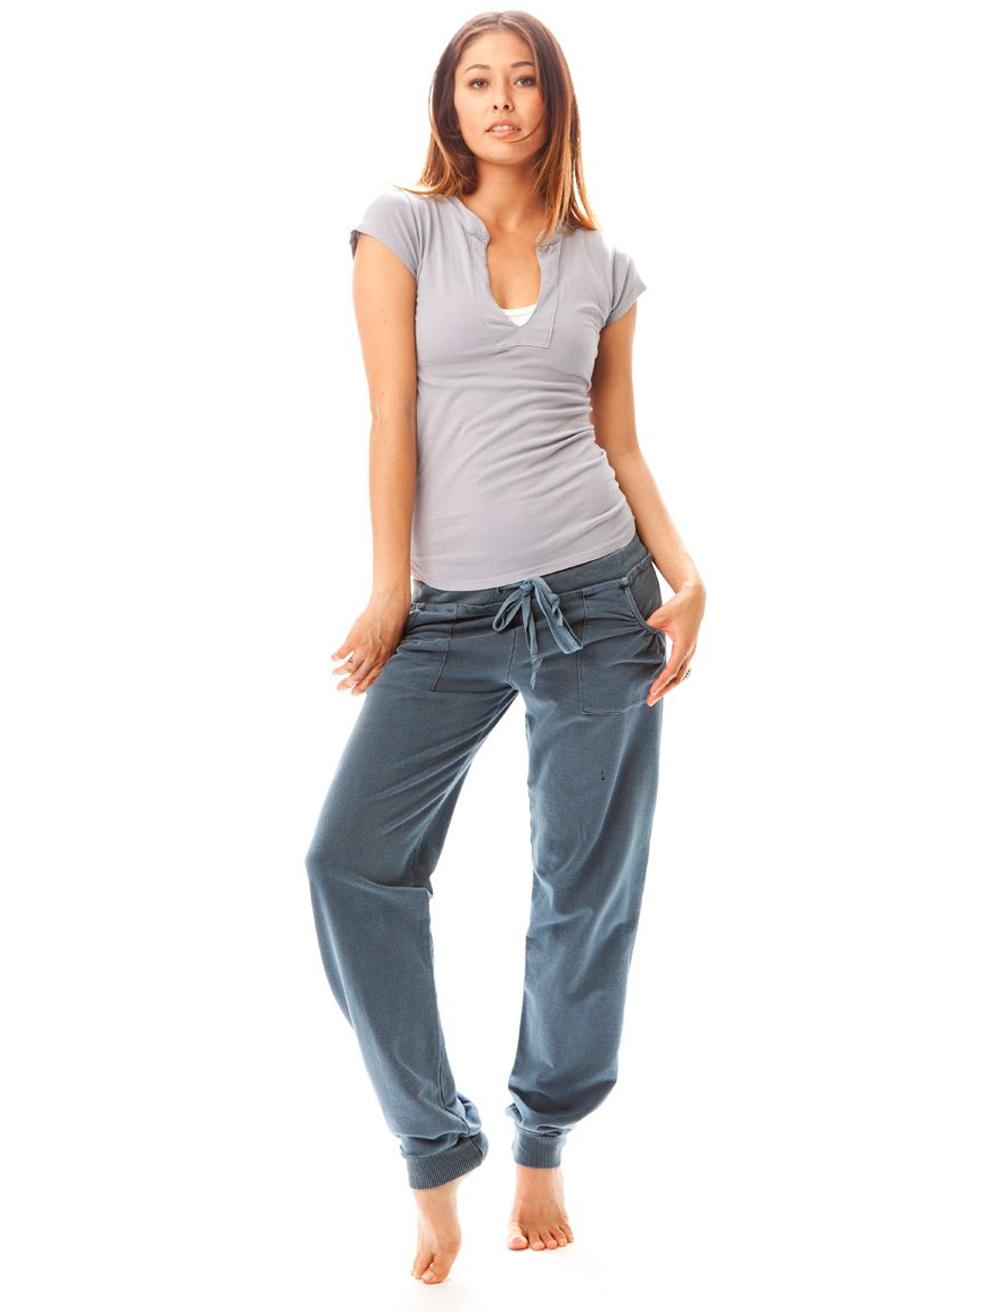 Как сделать внизу штанов резинку